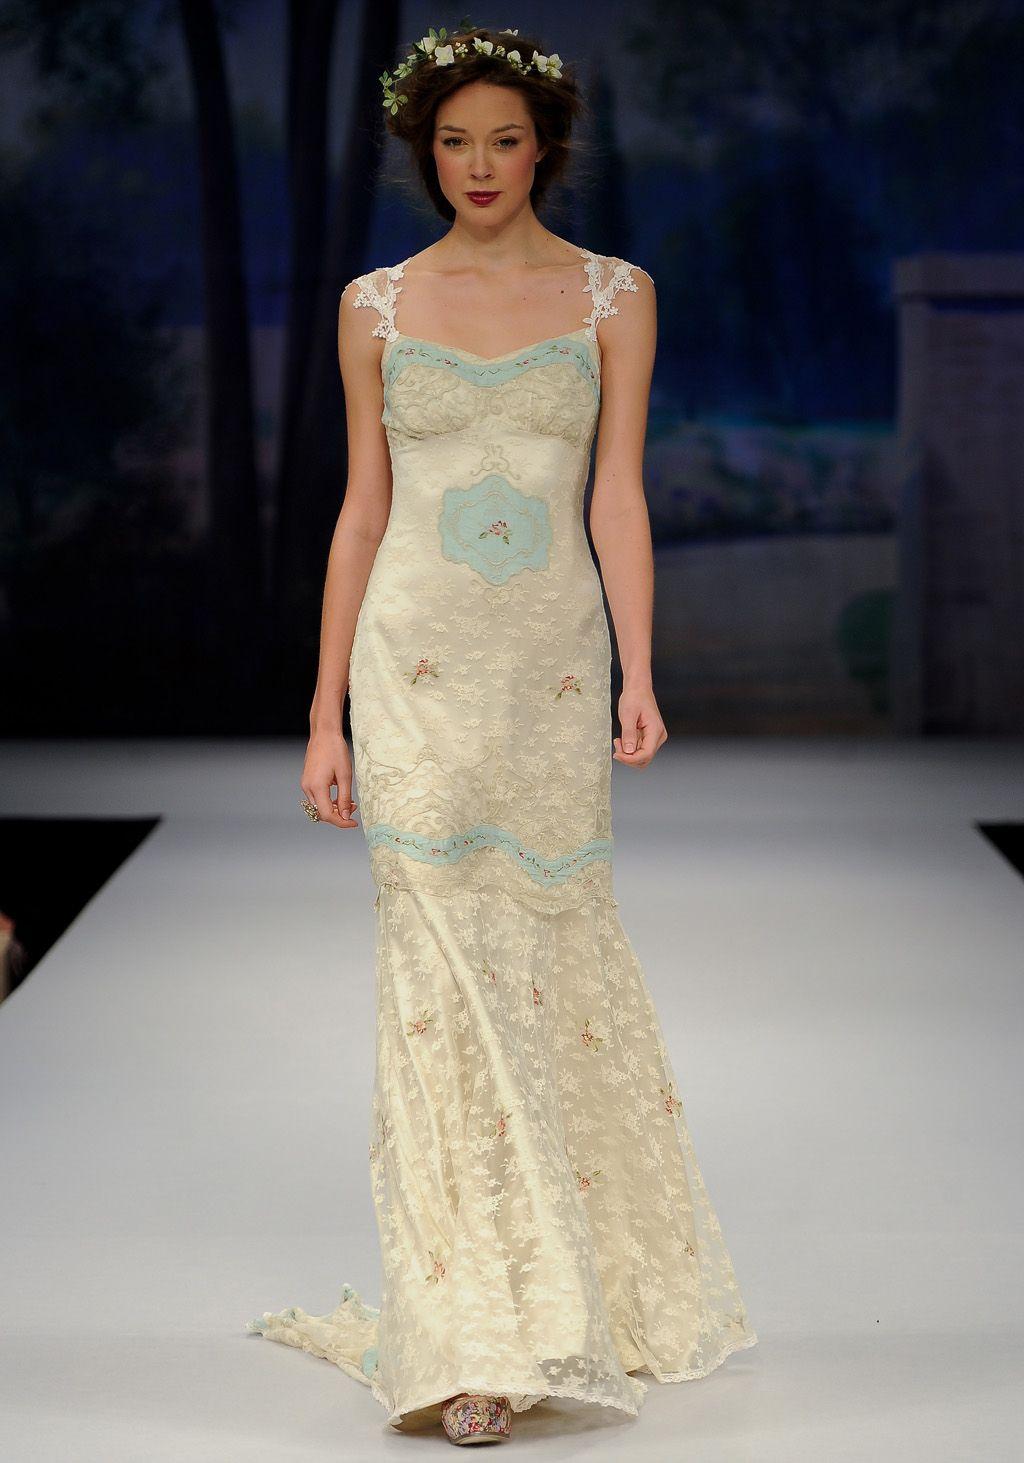 Clarie pettibone oohlala gown r u n w a y pinterest wedding